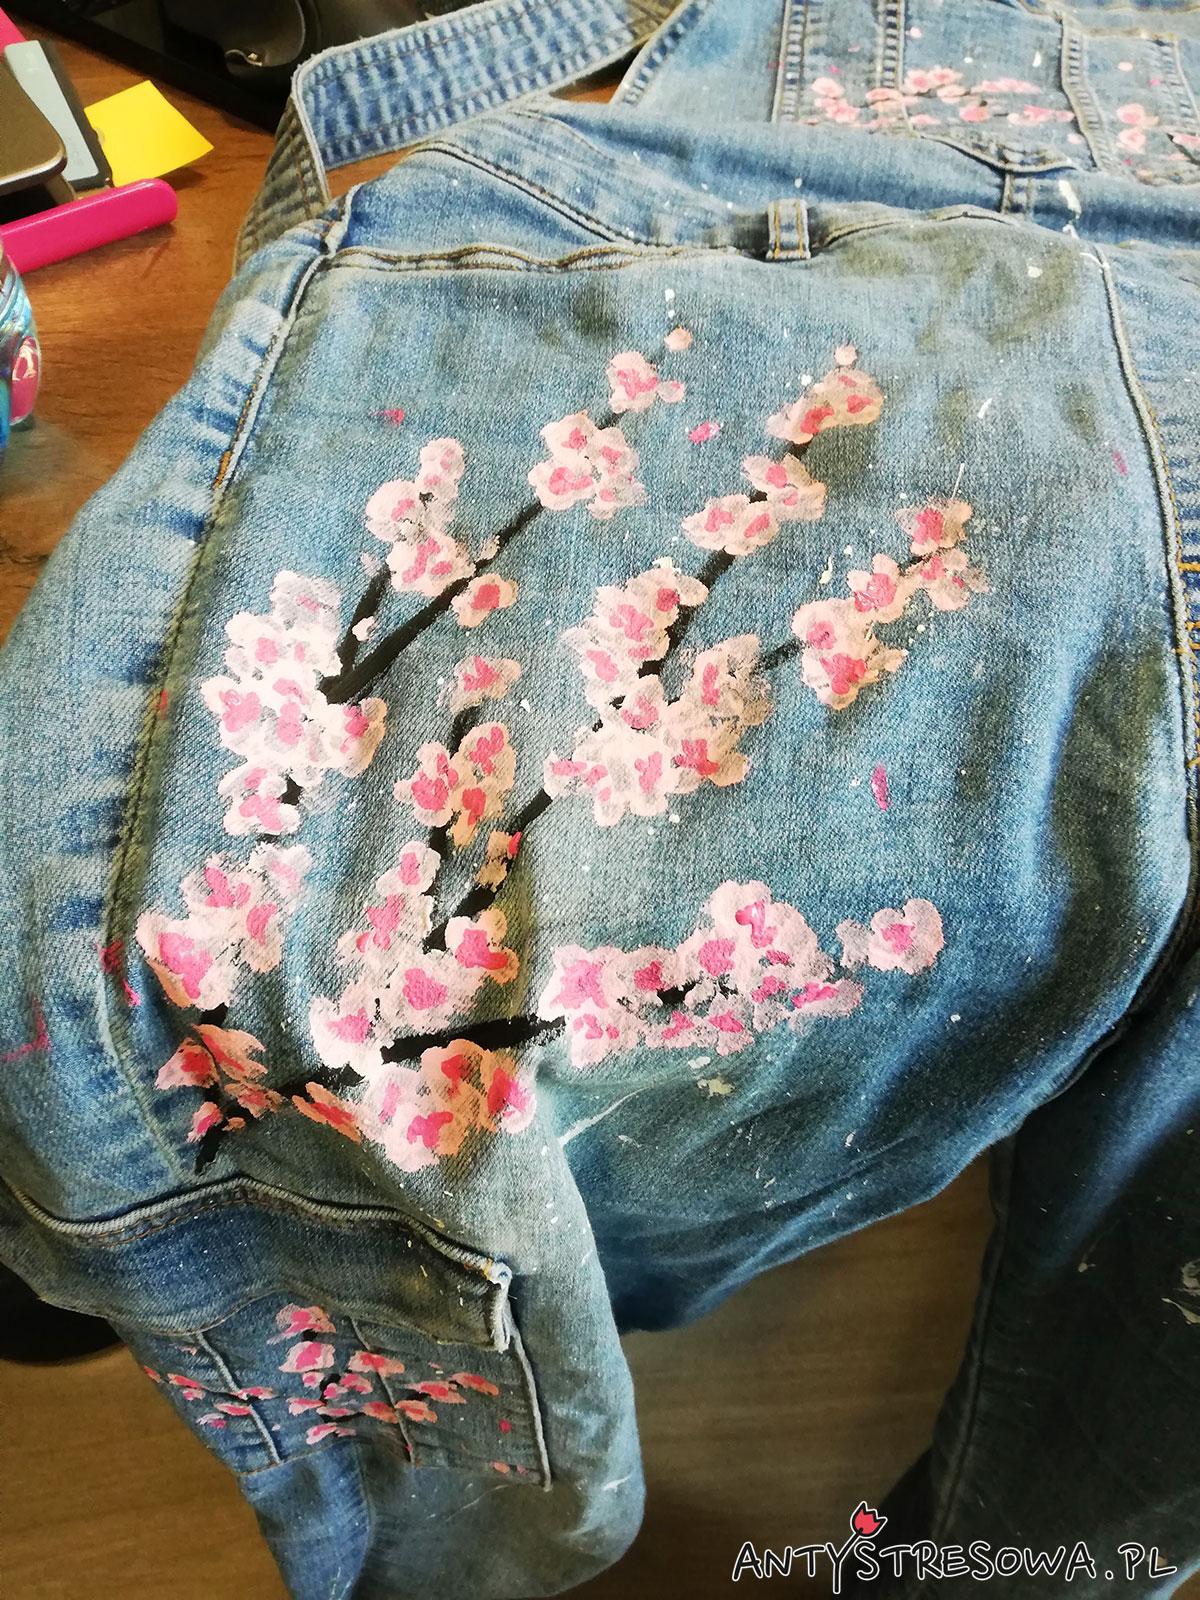 Kolejny etap malowania spodni